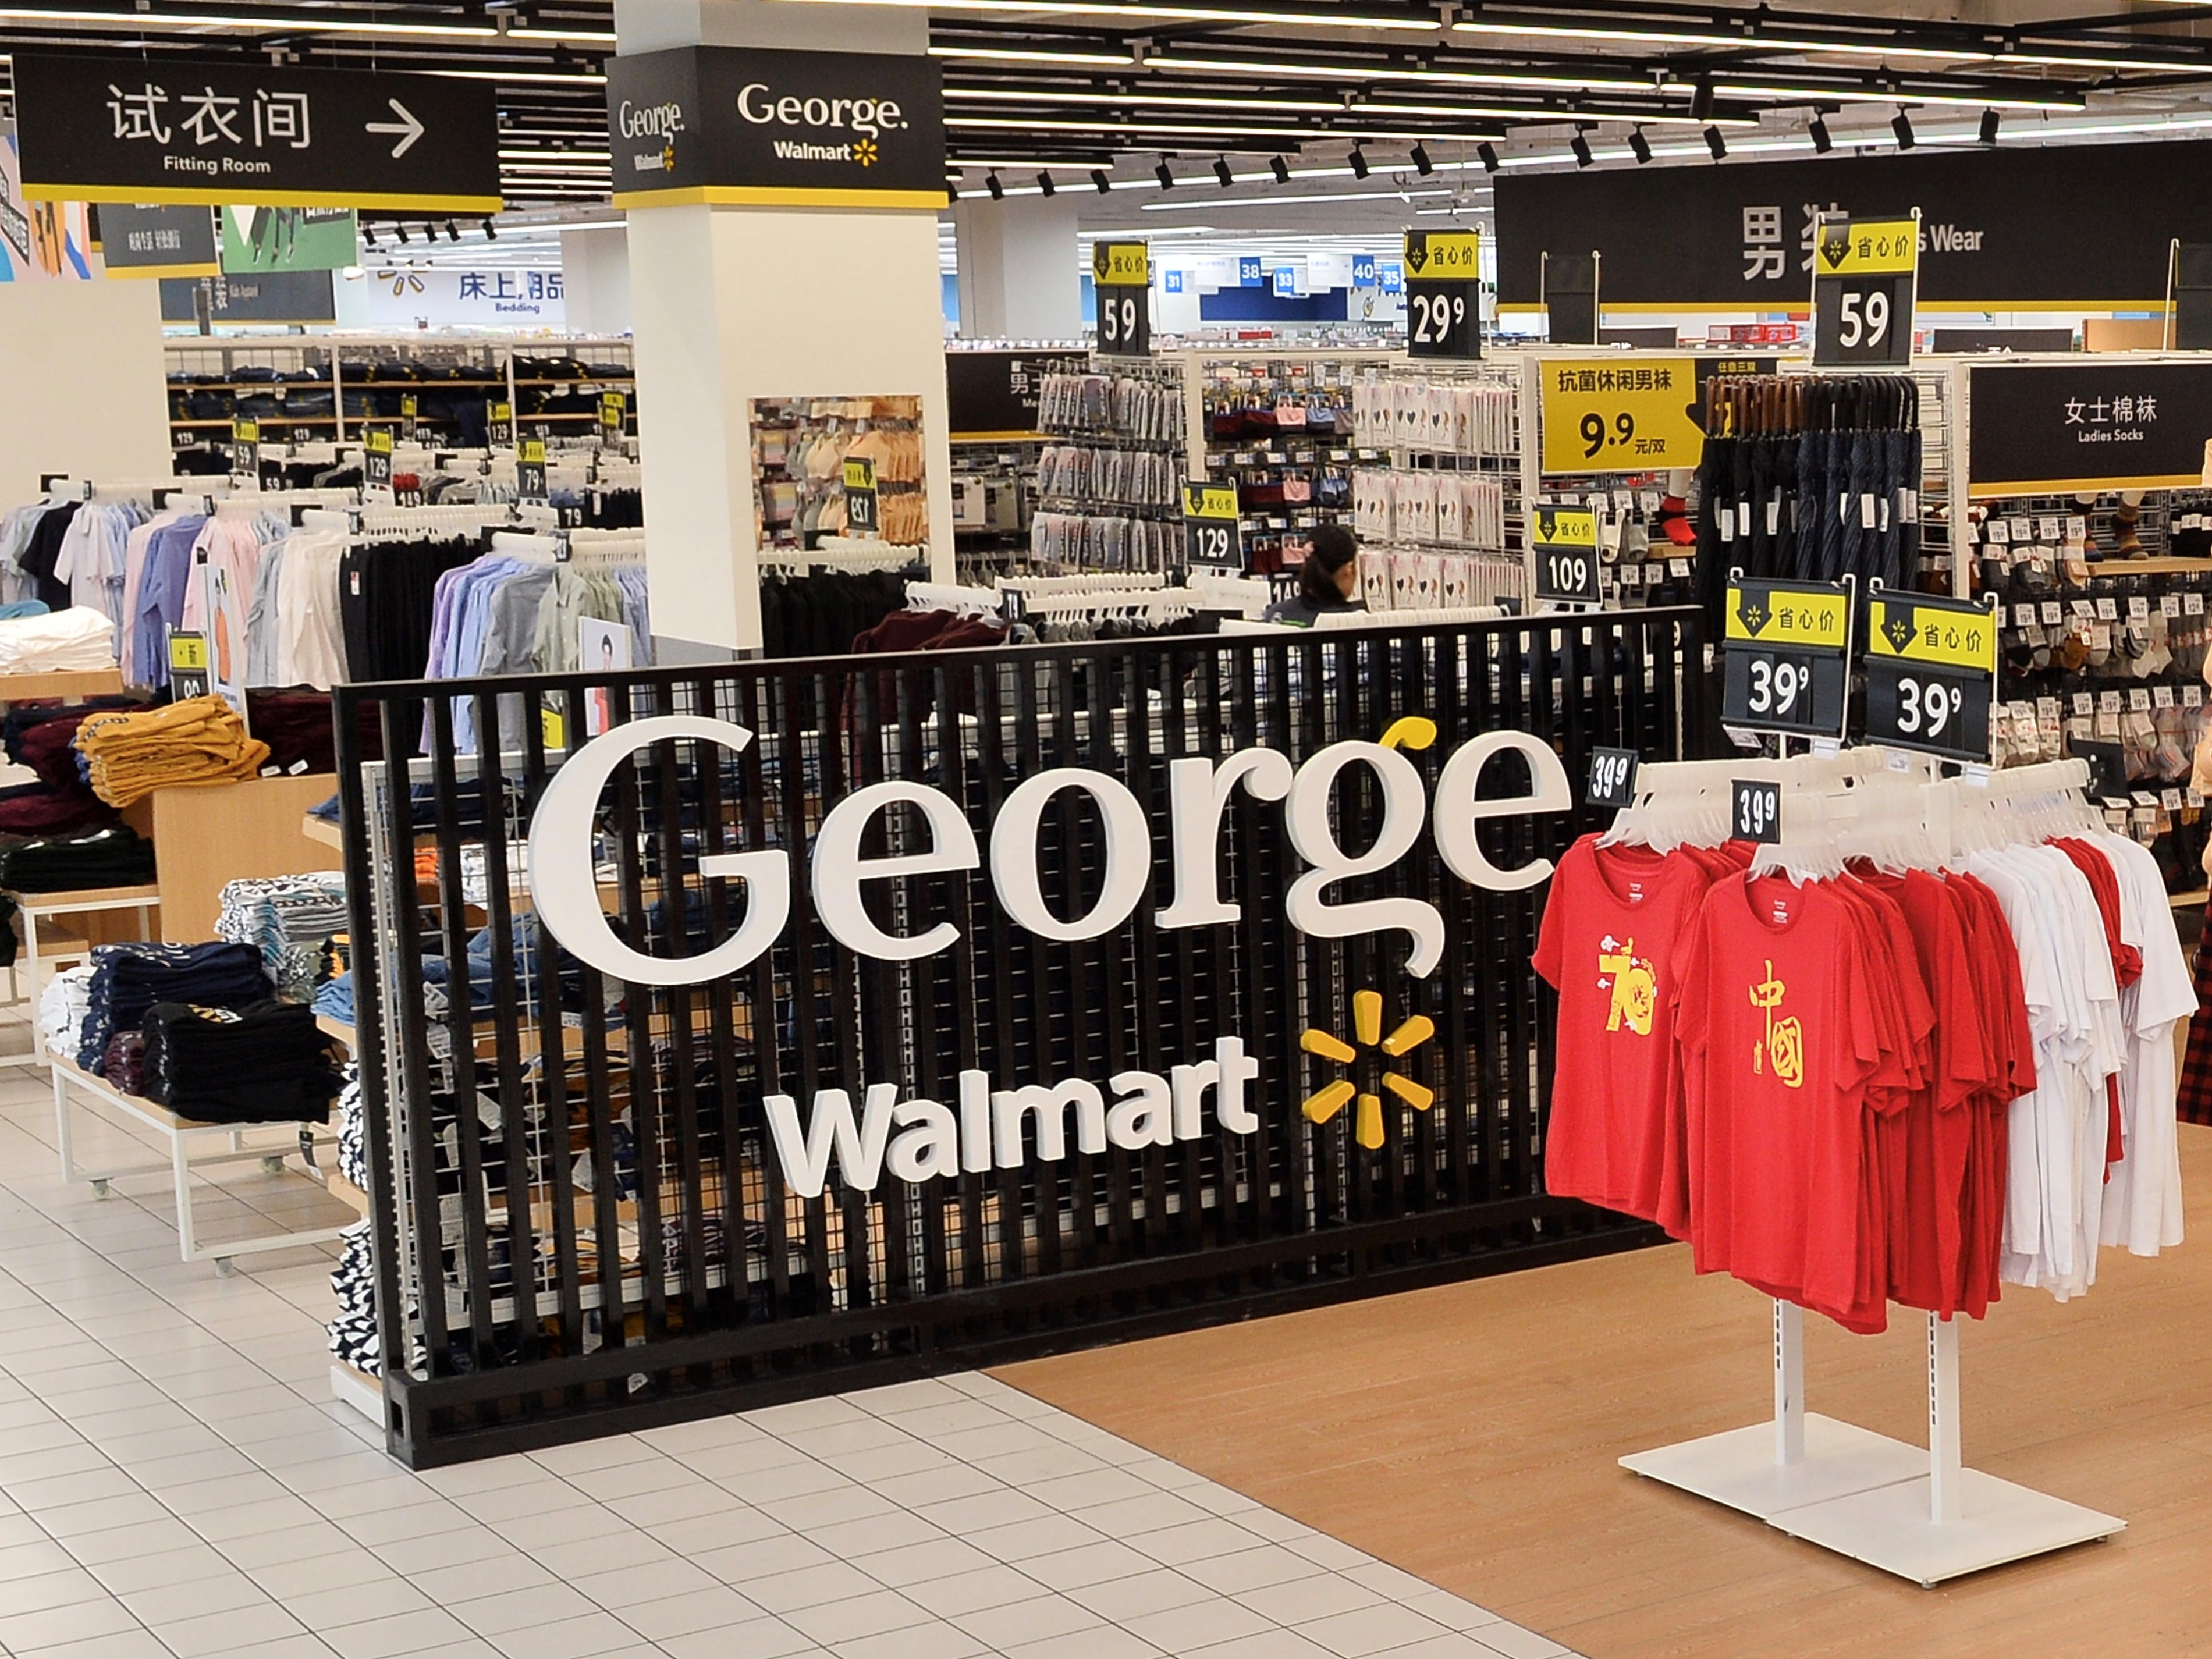 打造商品差异化,沃尔玛推快时尚自有品牌George